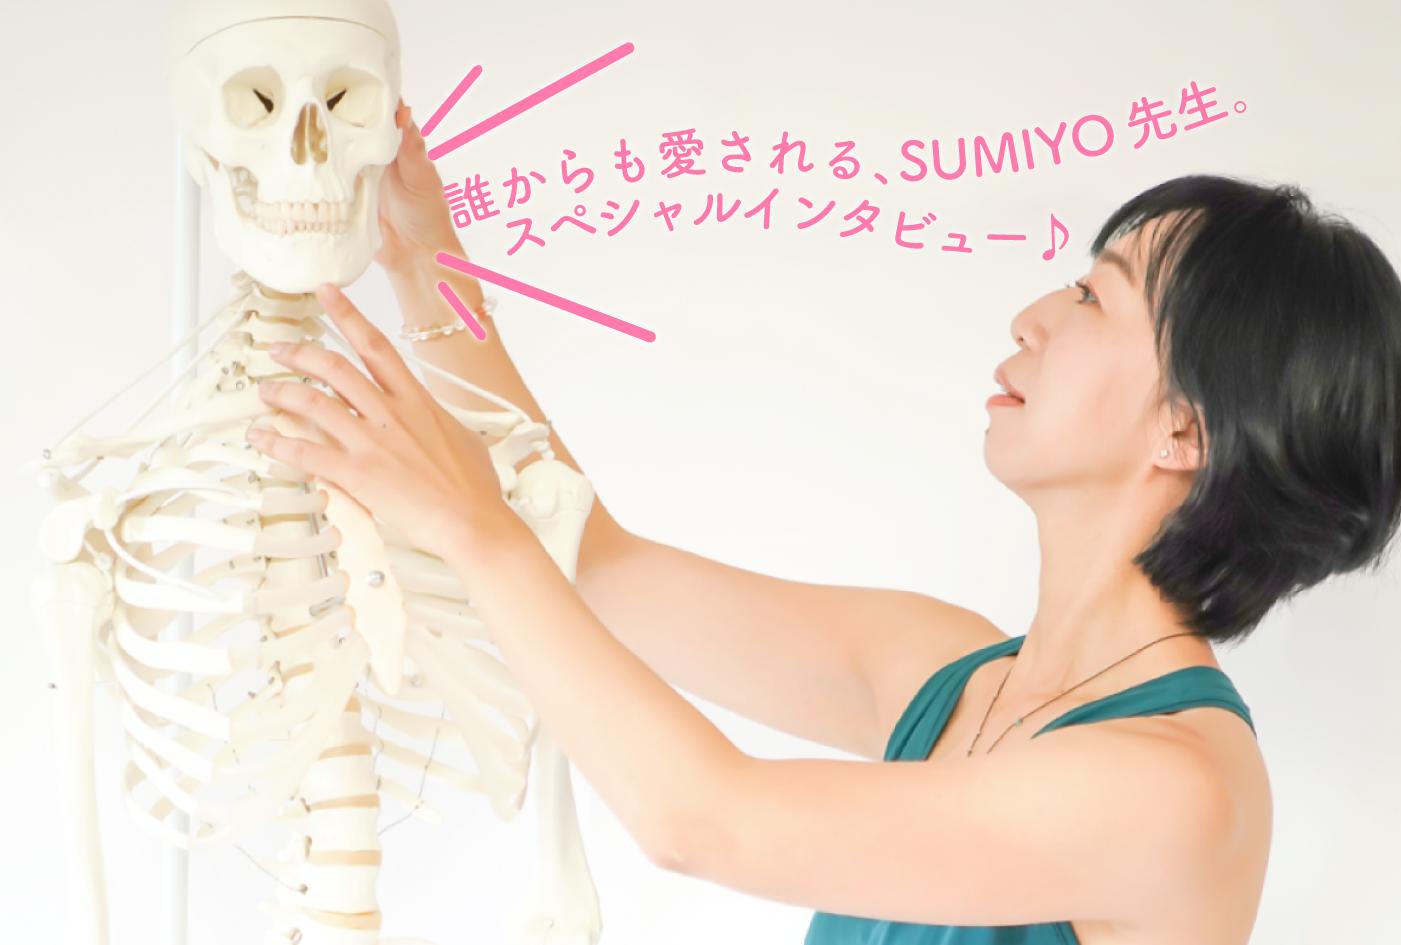 鍼灸師であり、解剖学講師でもある SUMIYO先生 Special Interview